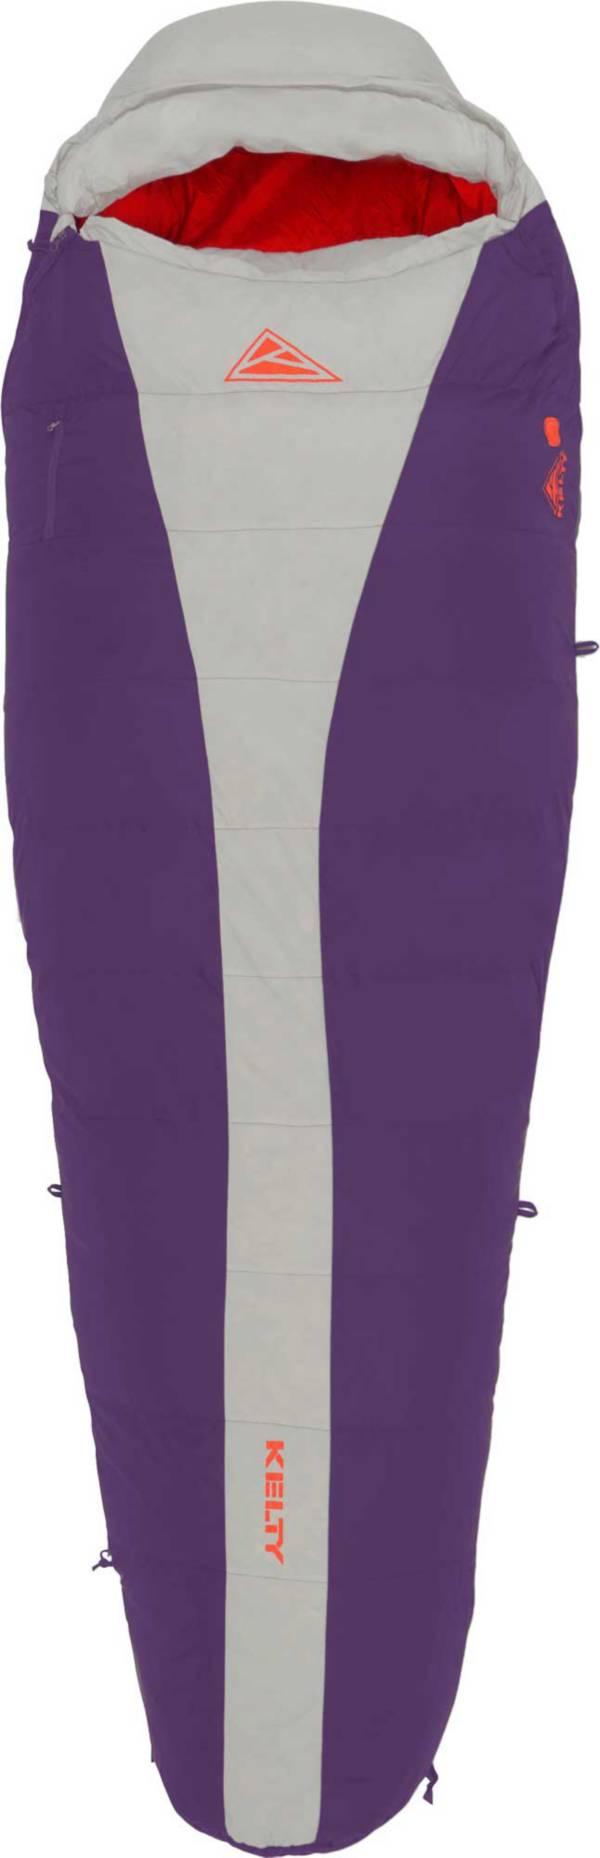 Kelty Cosmic Women's 20° Sleeping Bag product image